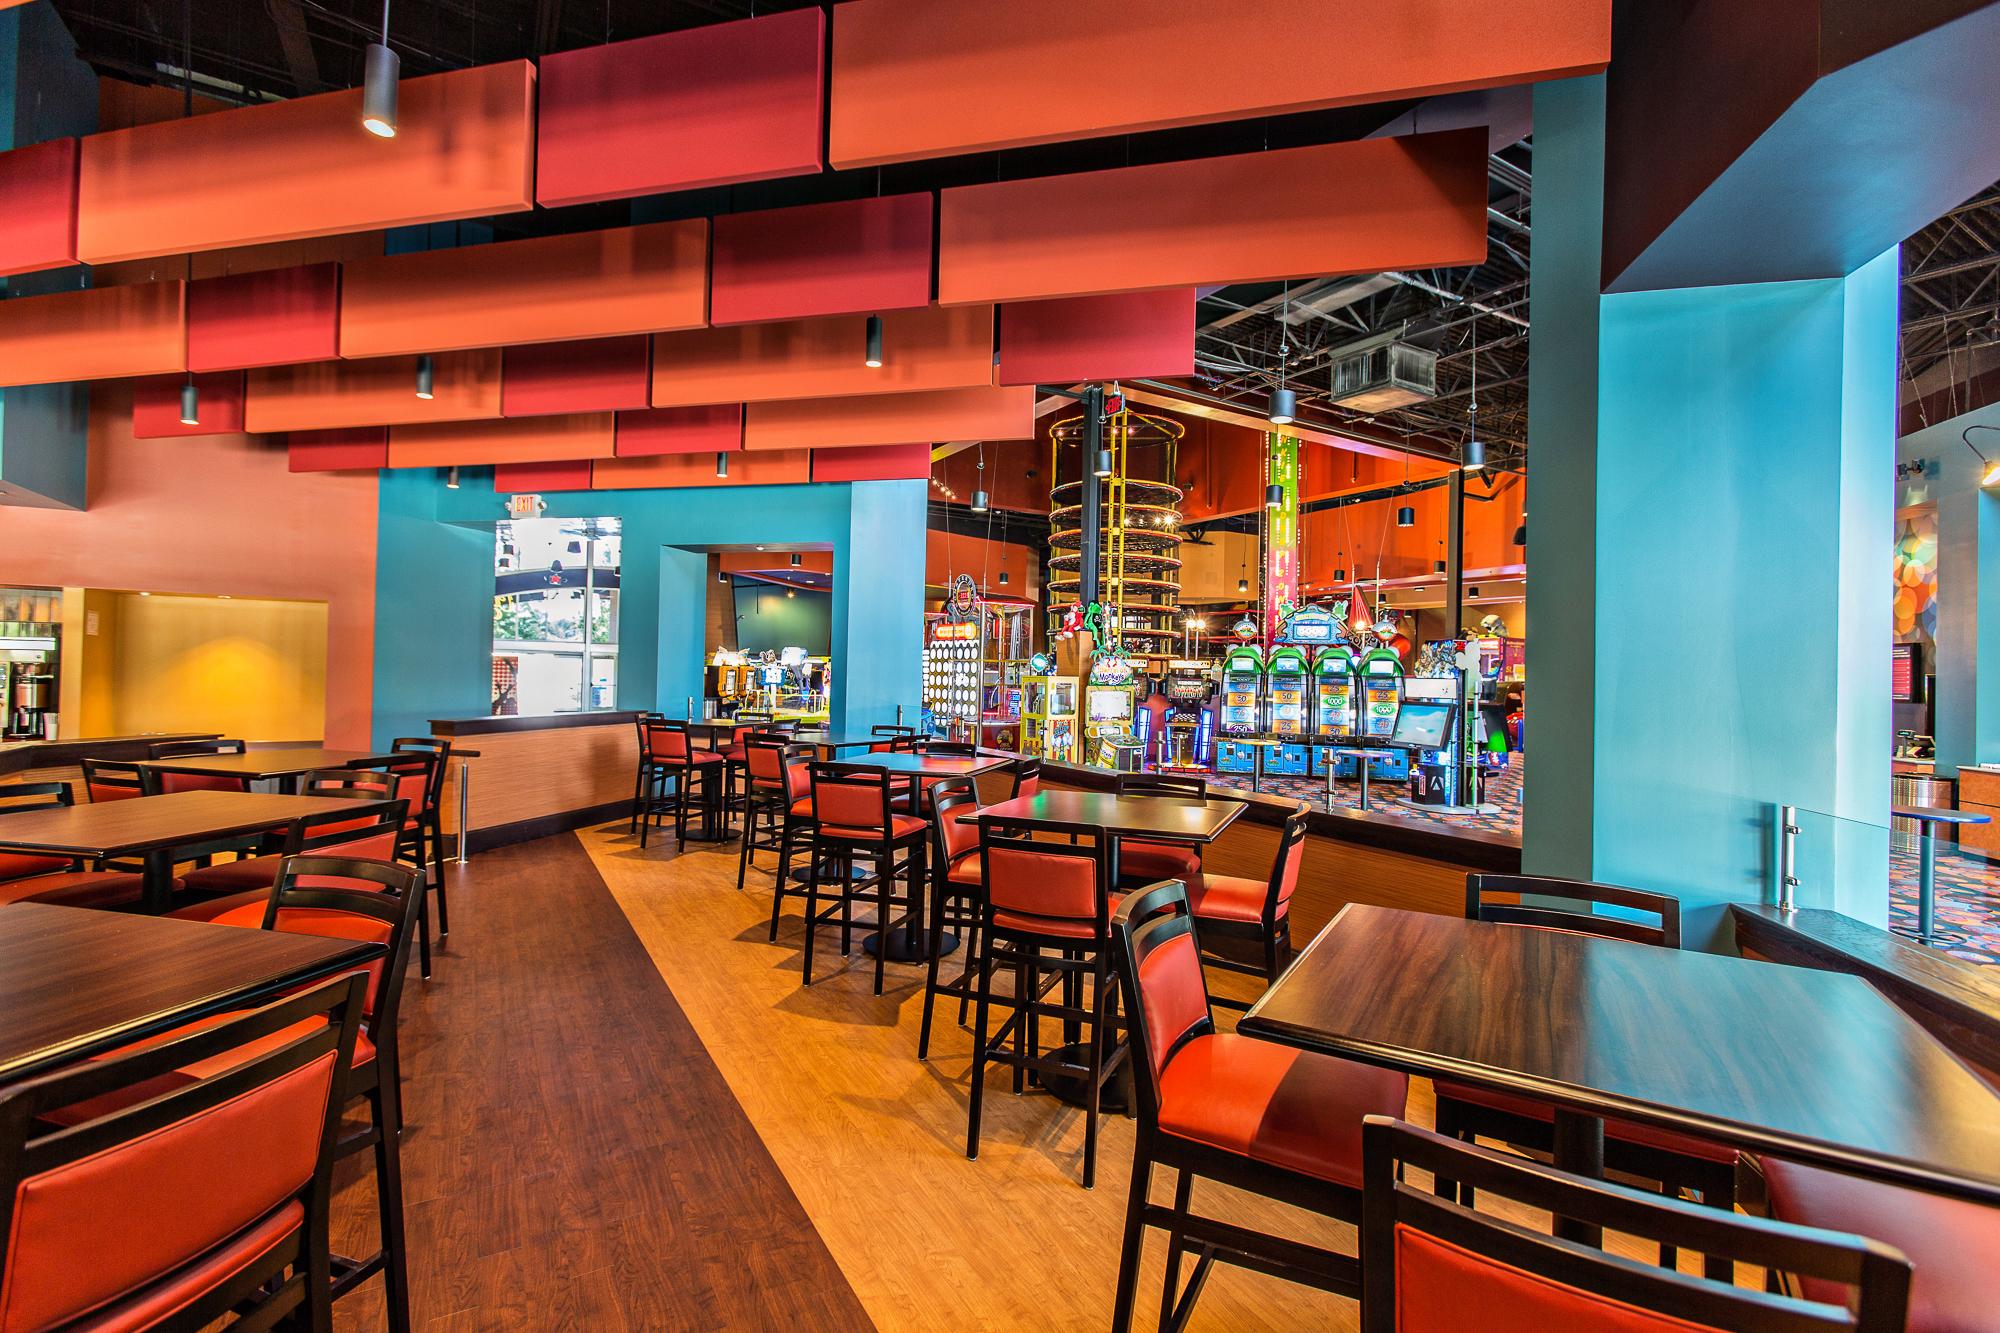 ADW-Entertainment-Frankie's-Fun-Park-Raleigh-NC-1.jpg